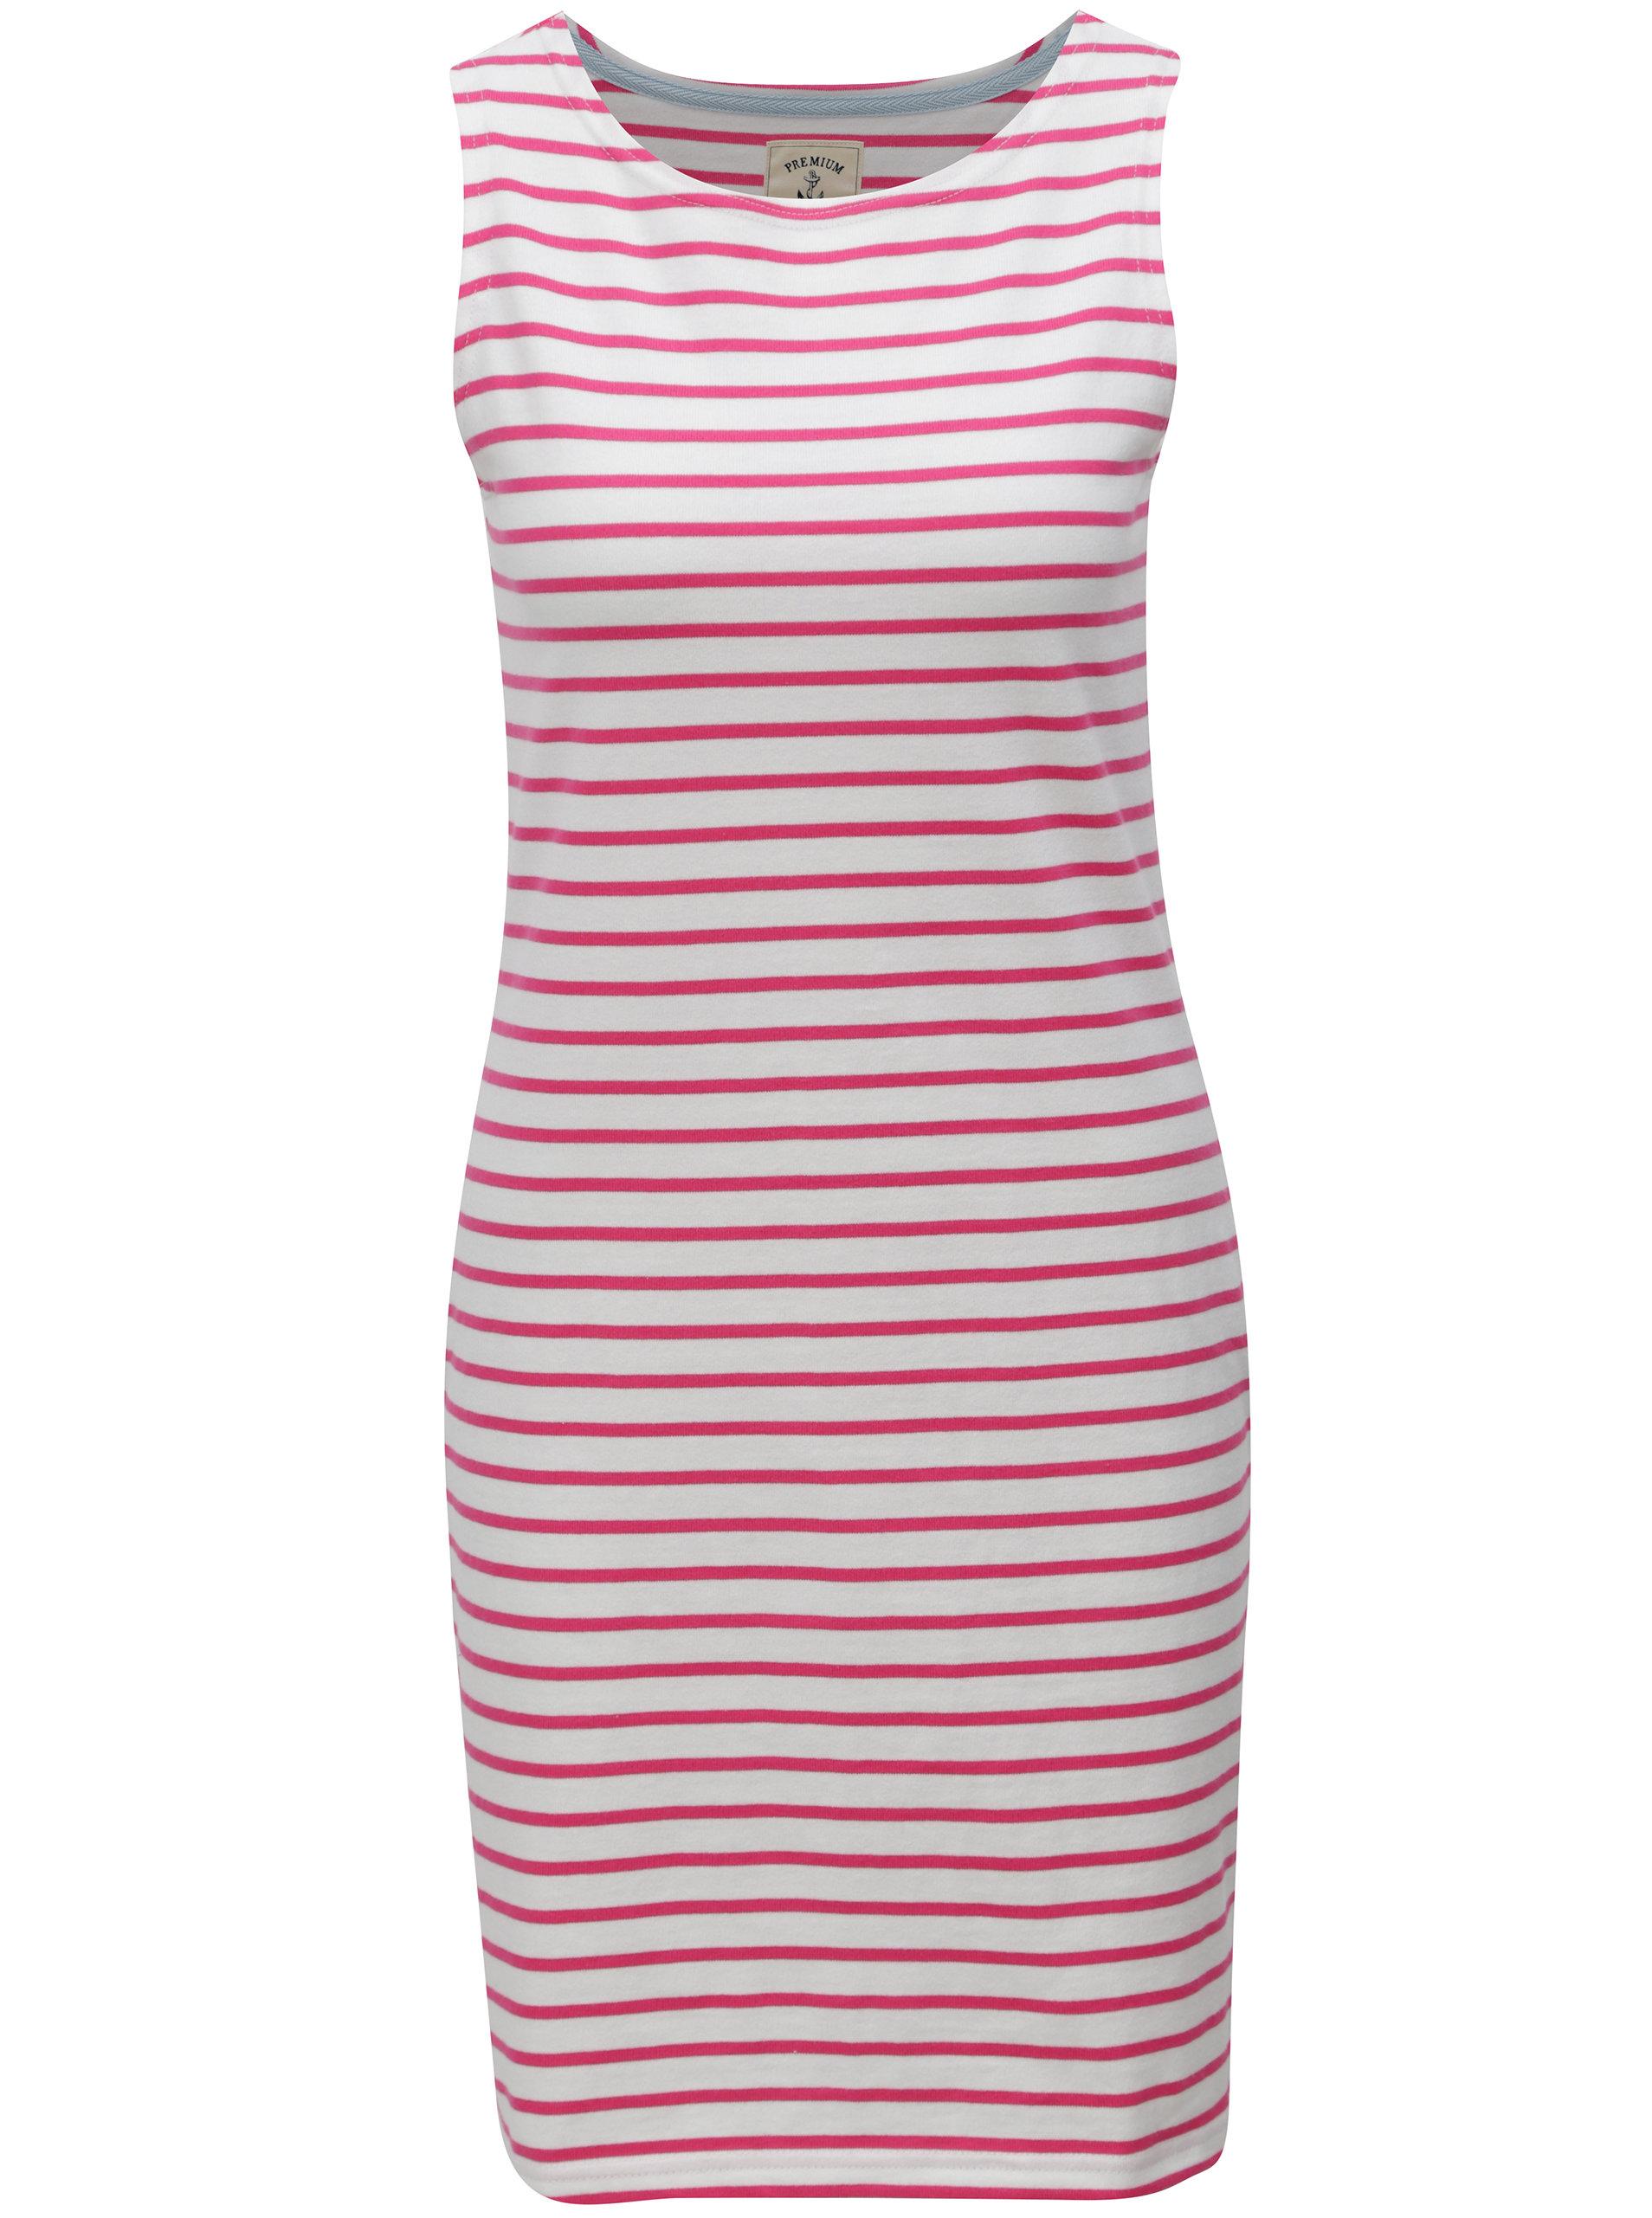 Ružovo–biele dámske pruhované šaty Tom Joule Jersey ... d86d4e12944